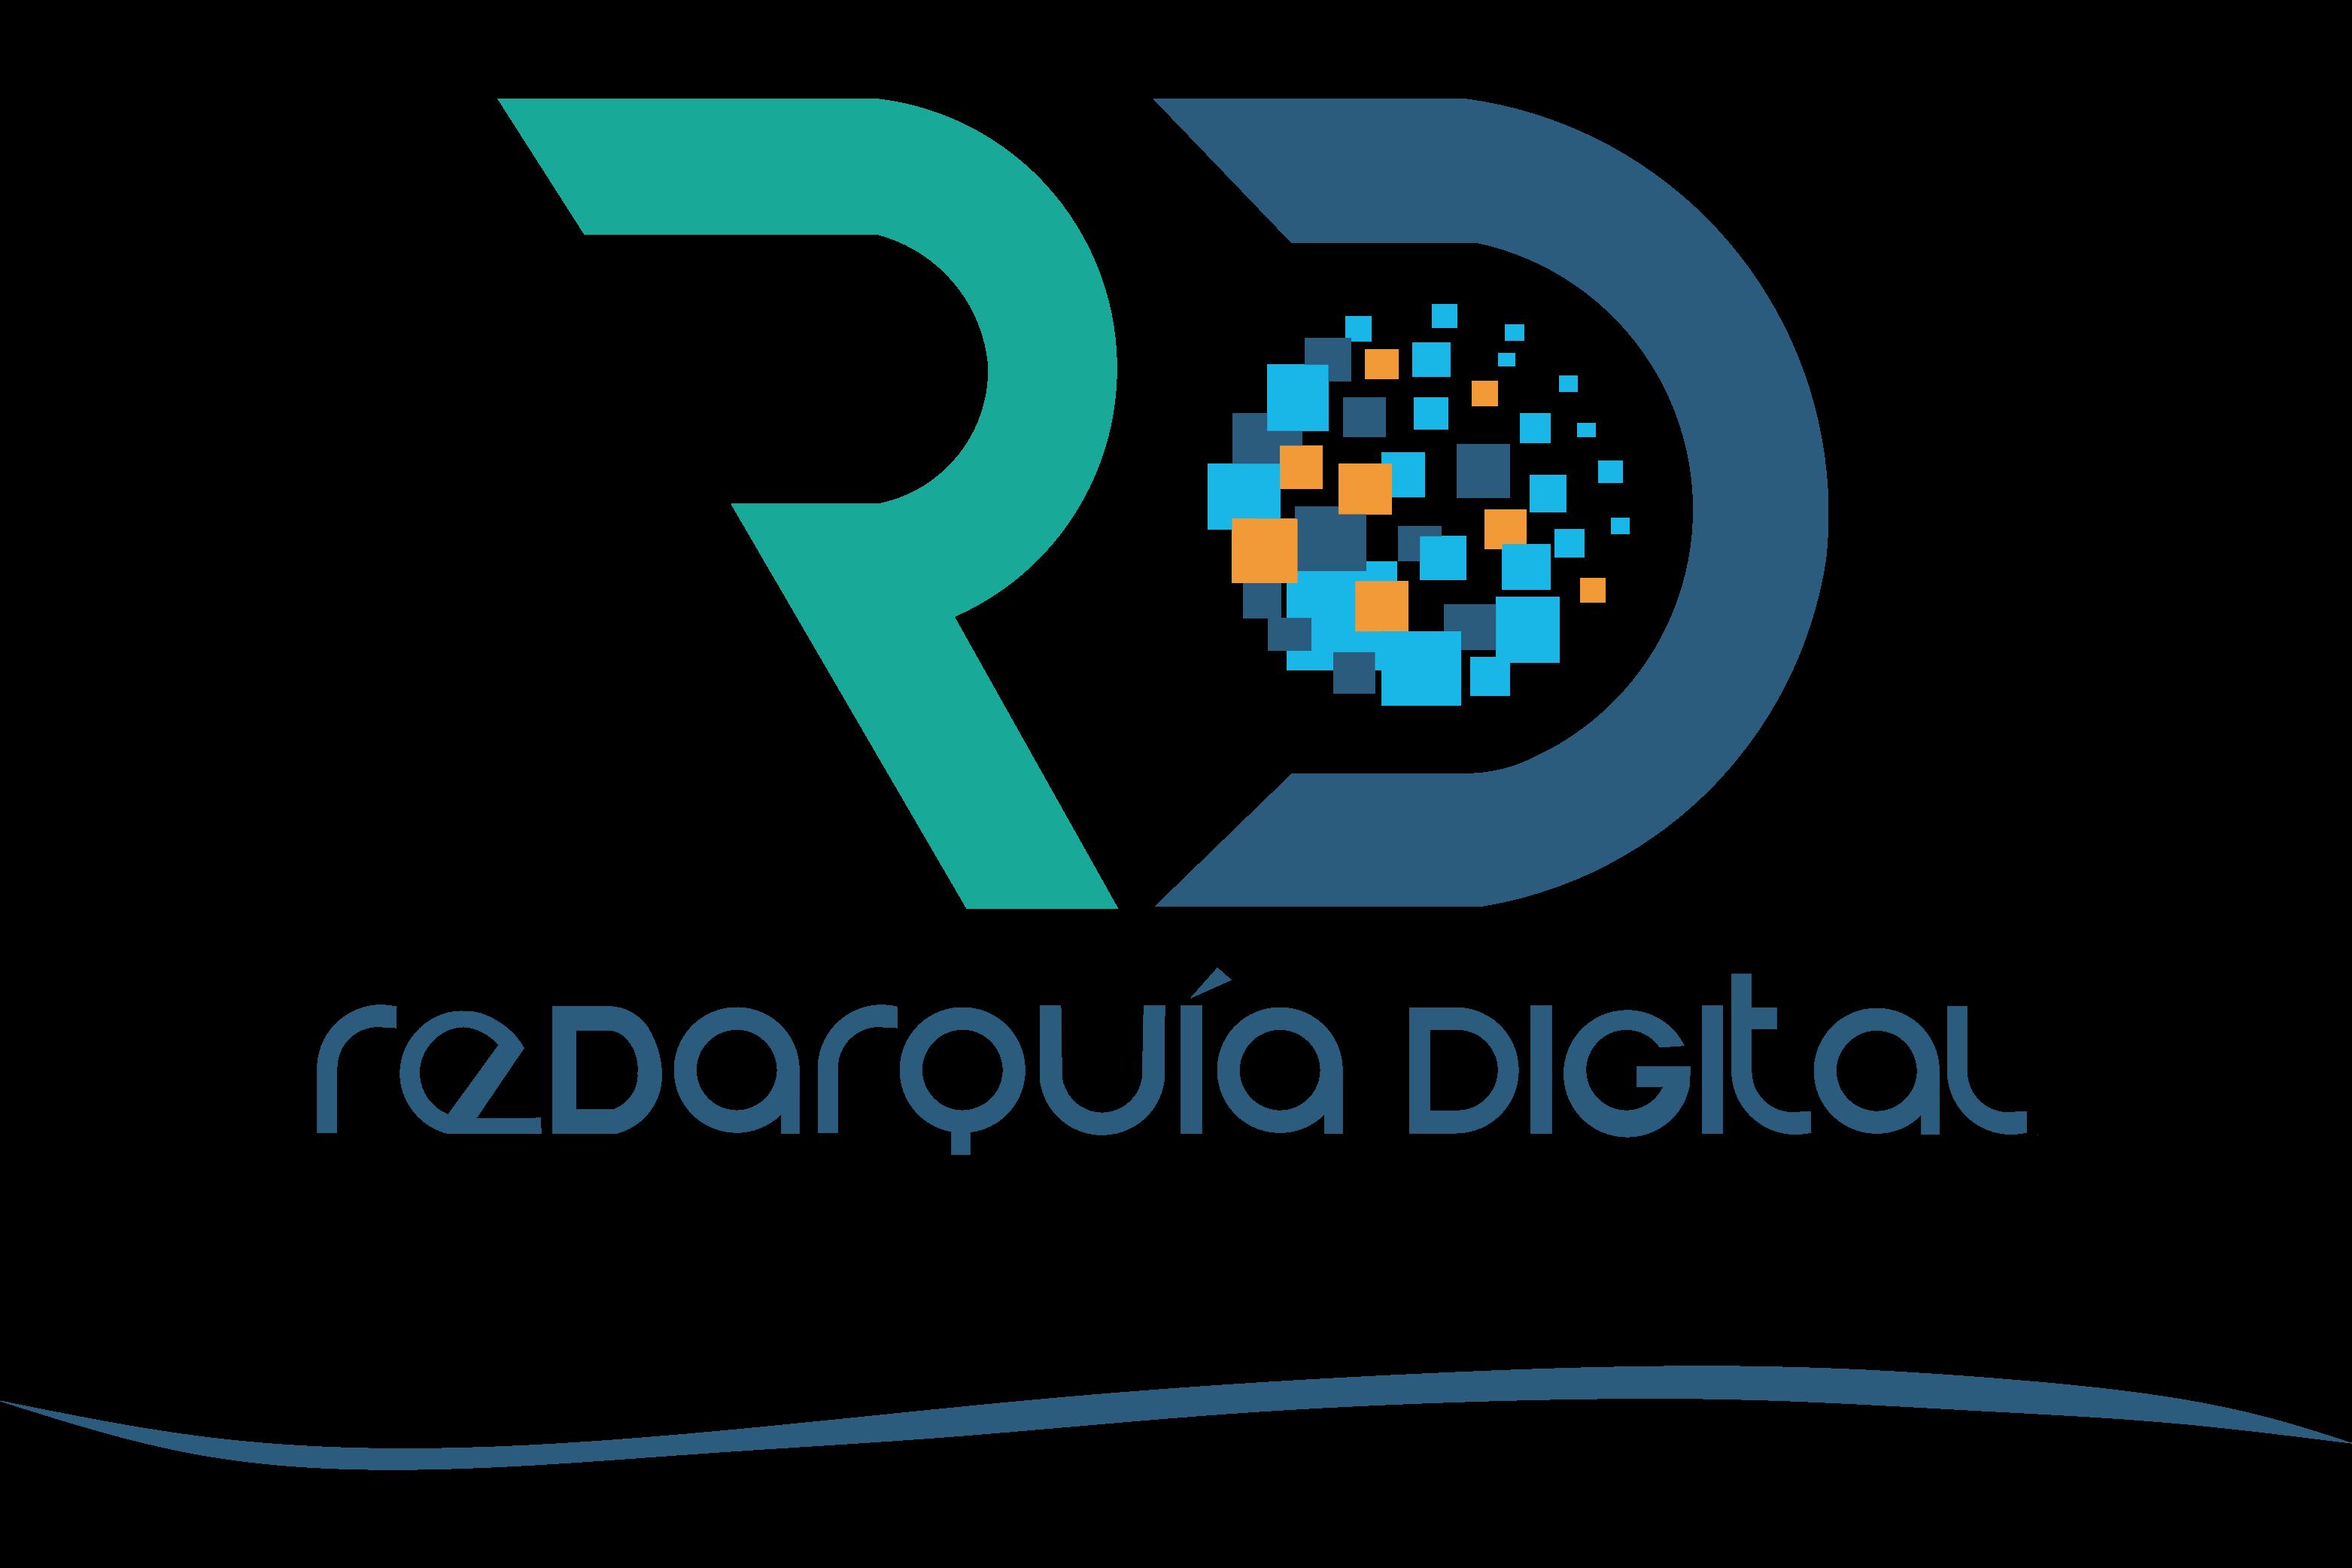 Redarquía Digital